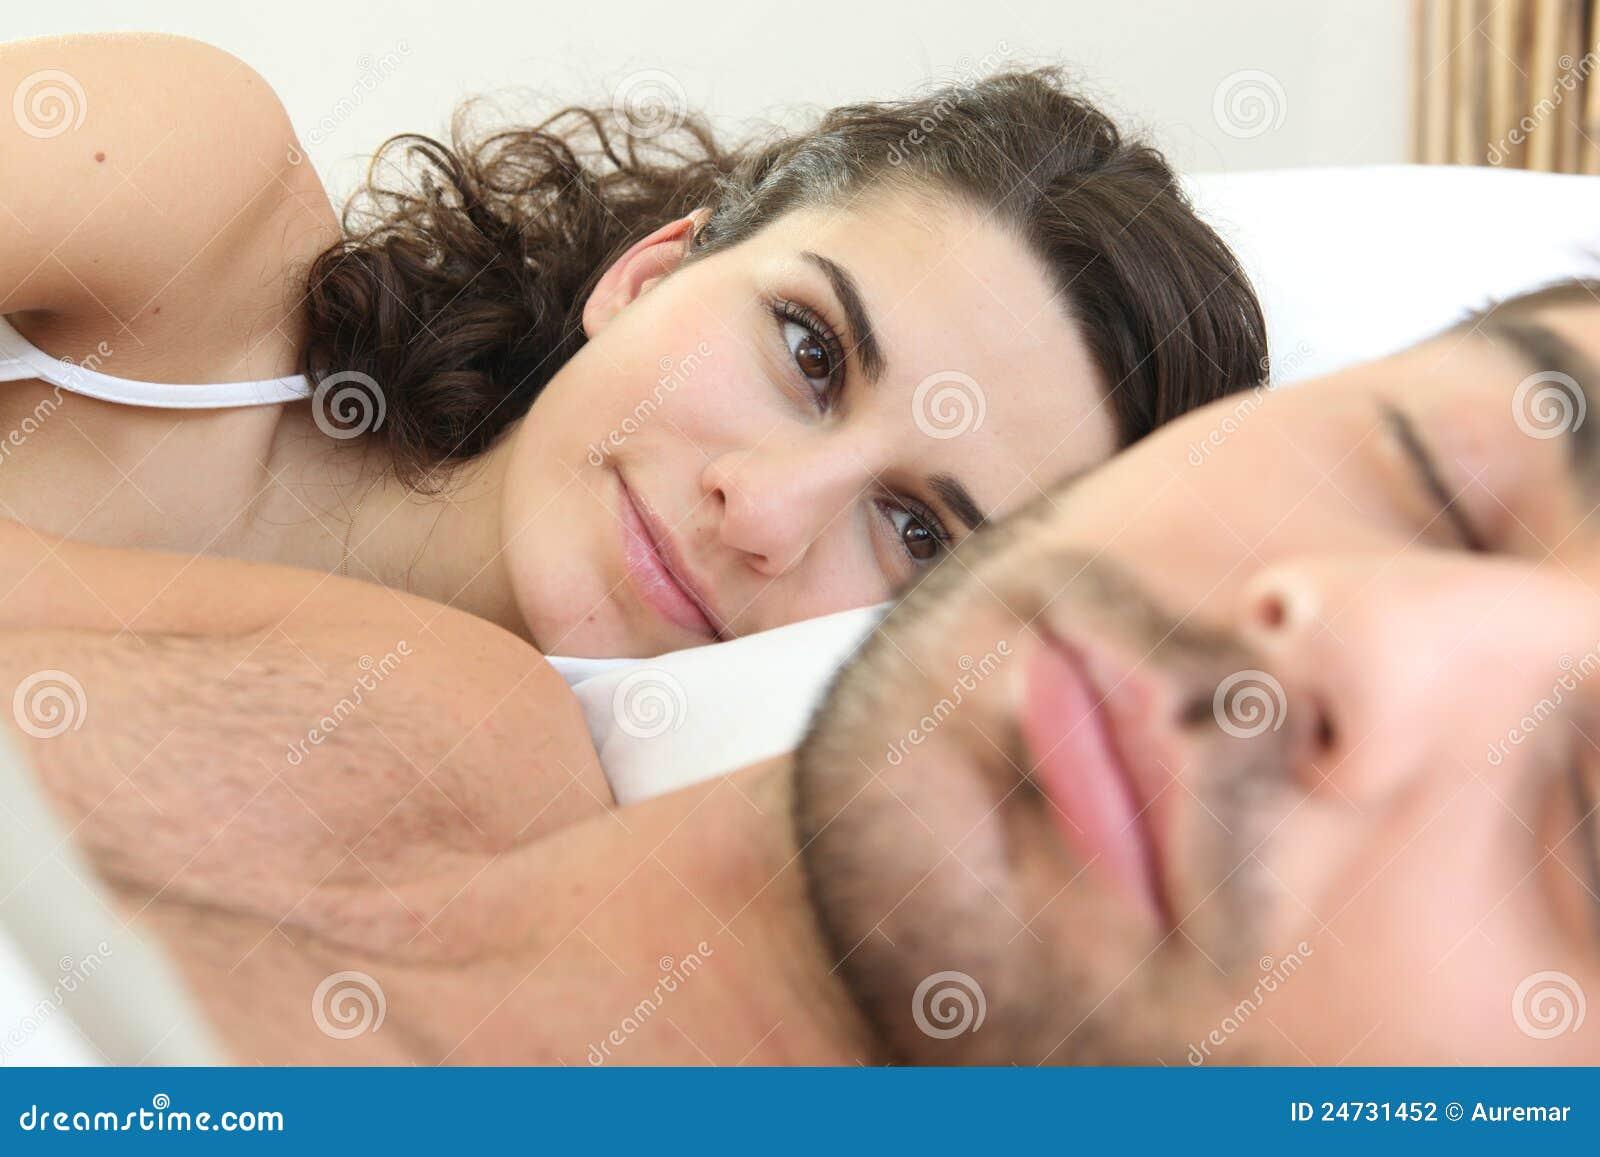 Трахнул пока муж смотрел футбол с другом, Жена тихо изменяет мужу с его лучшим другом во время 26 фотография